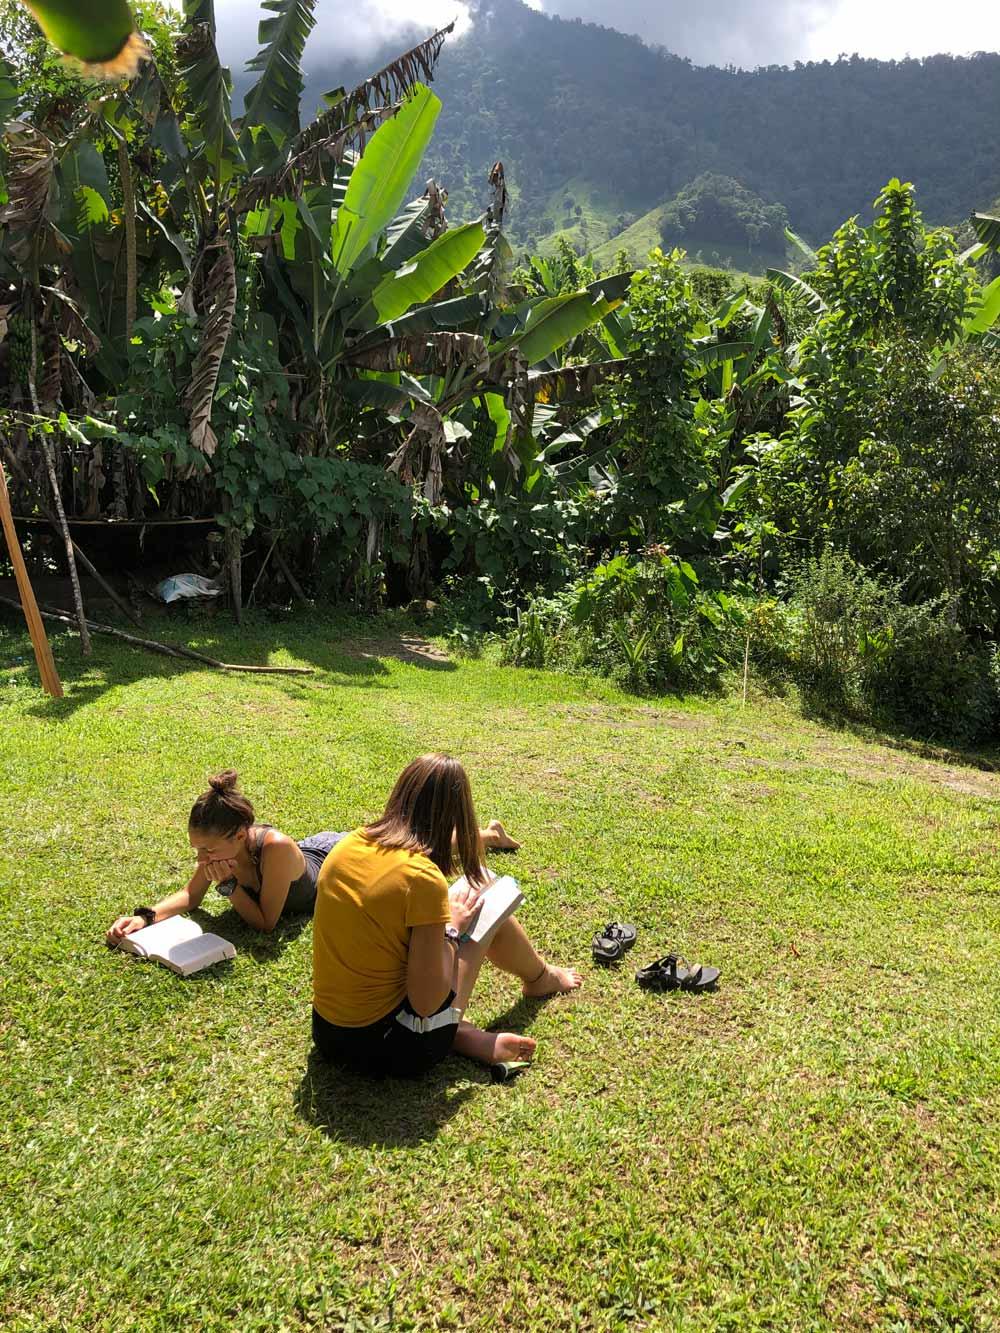 Amigos de las Americas Gap Year and Semester Programs